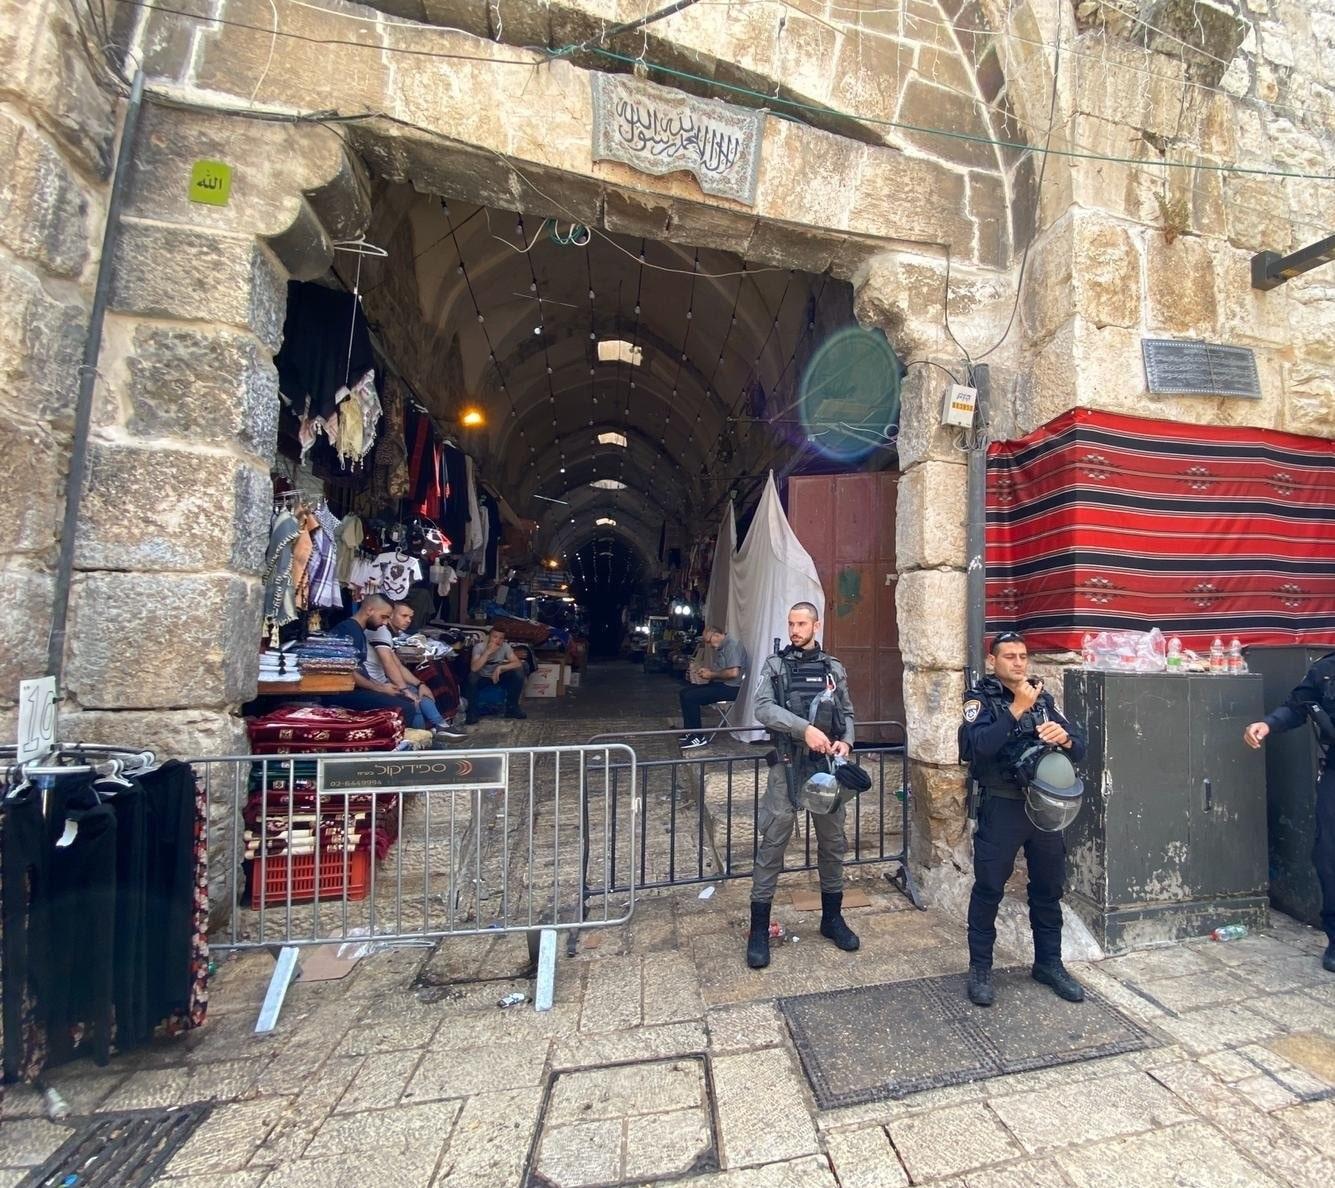 الاحتلال ينسحب جزئياً من المسجد الأقصى بعد فشله في طرد المصلين (فيديو)